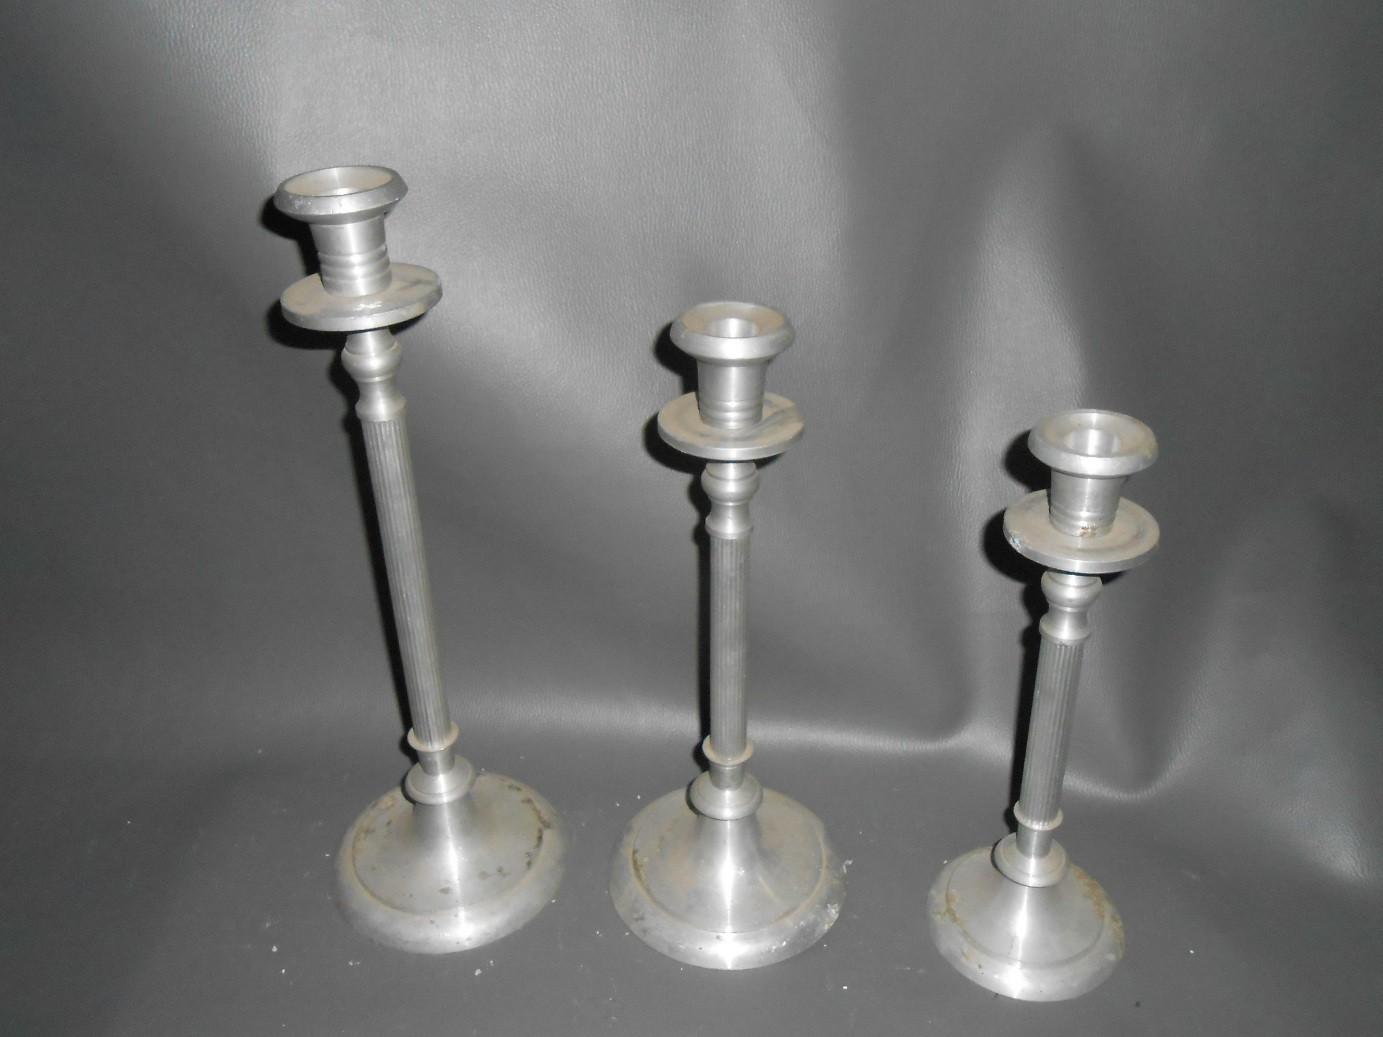 Set of 3 Pillar Aluminum Candle Stand